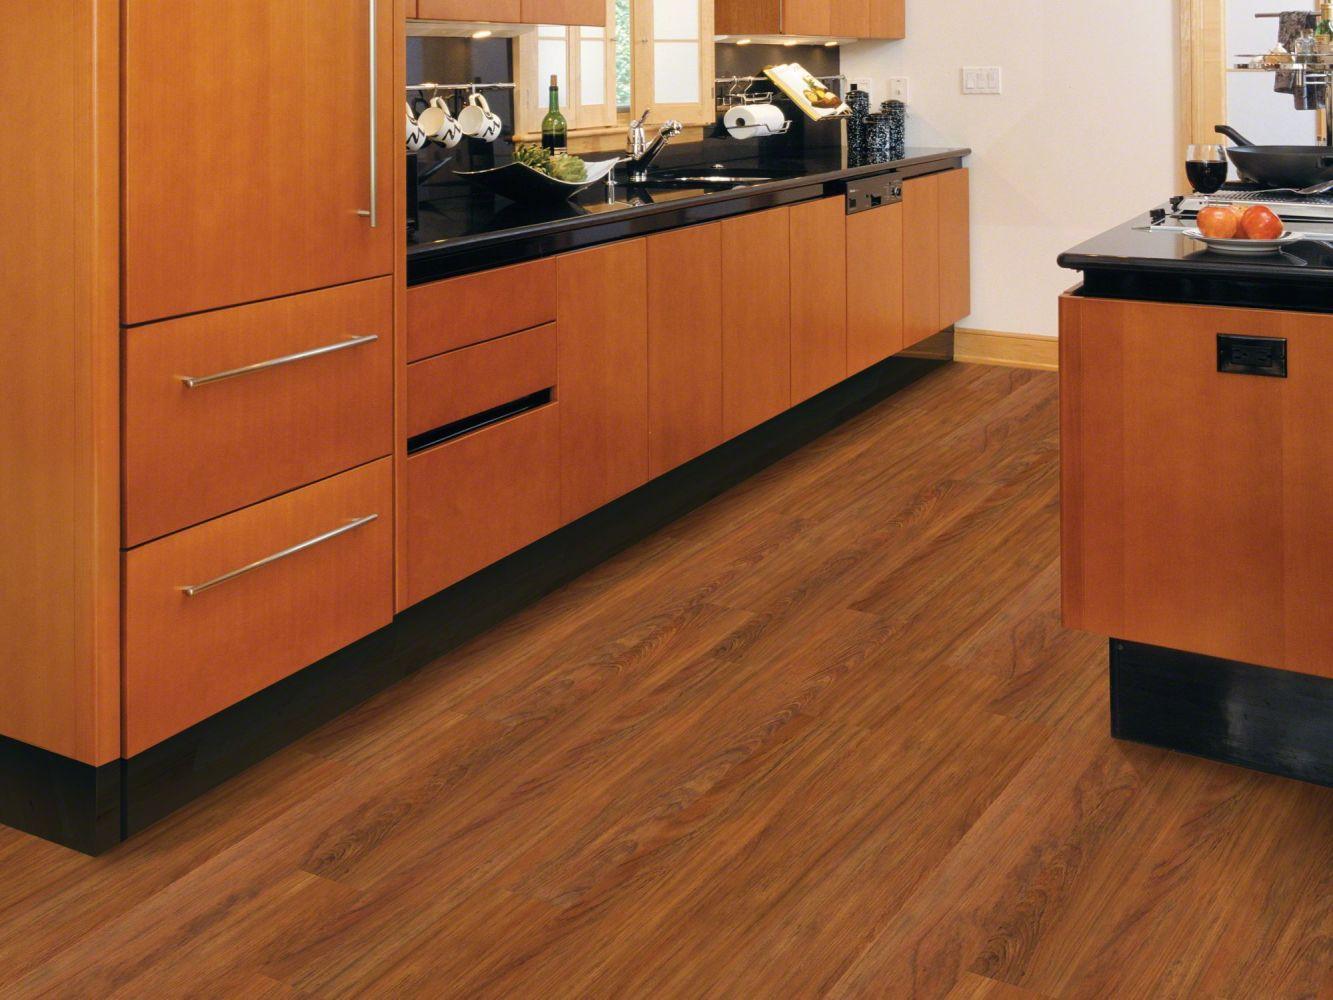 Philadelphia Commercial Resilient Commercial Wood Mix Sassafras 00681_5459V